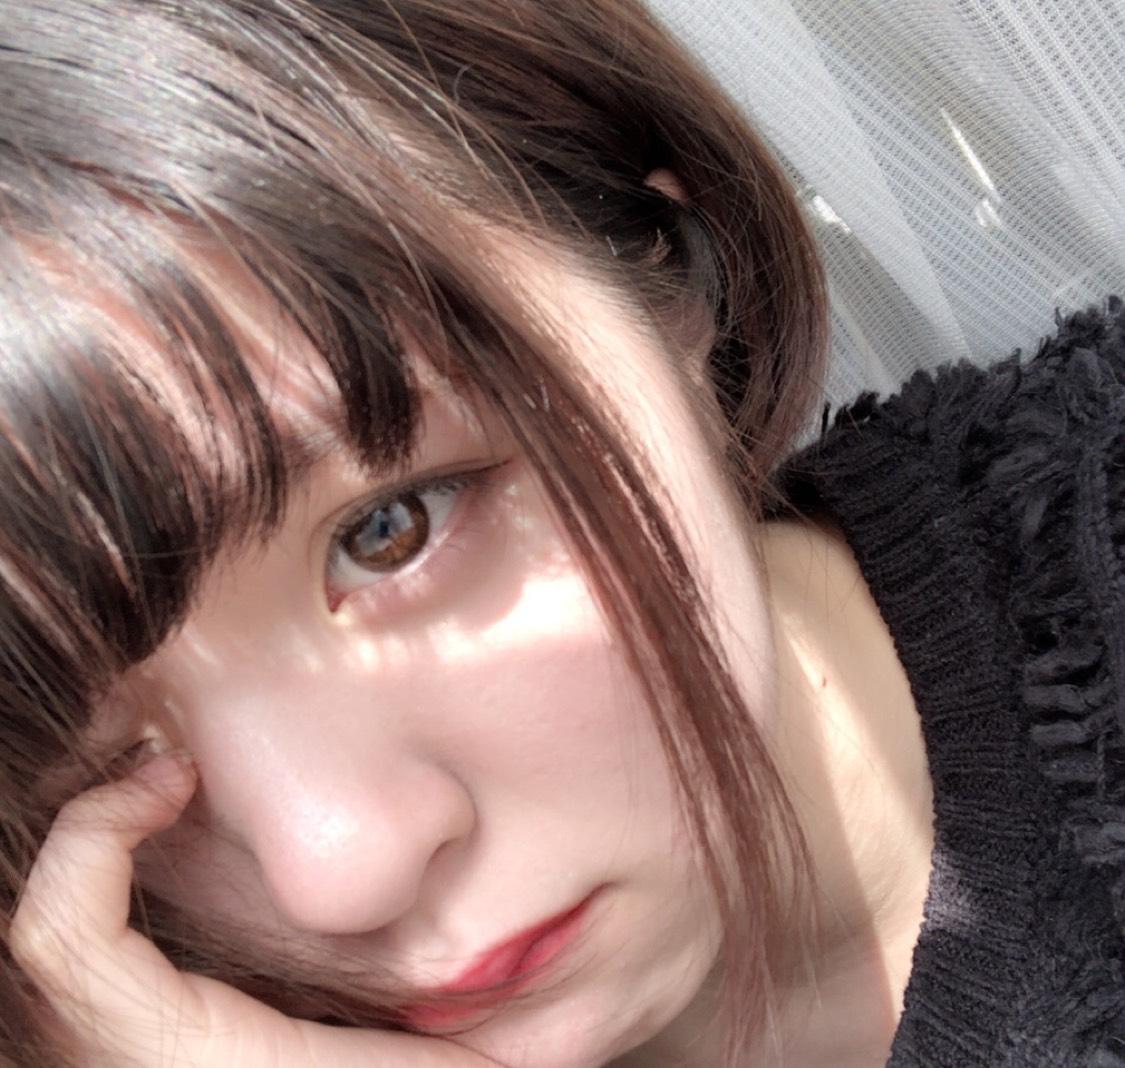 簡単ぱっちりeye(仮)のBefore画像